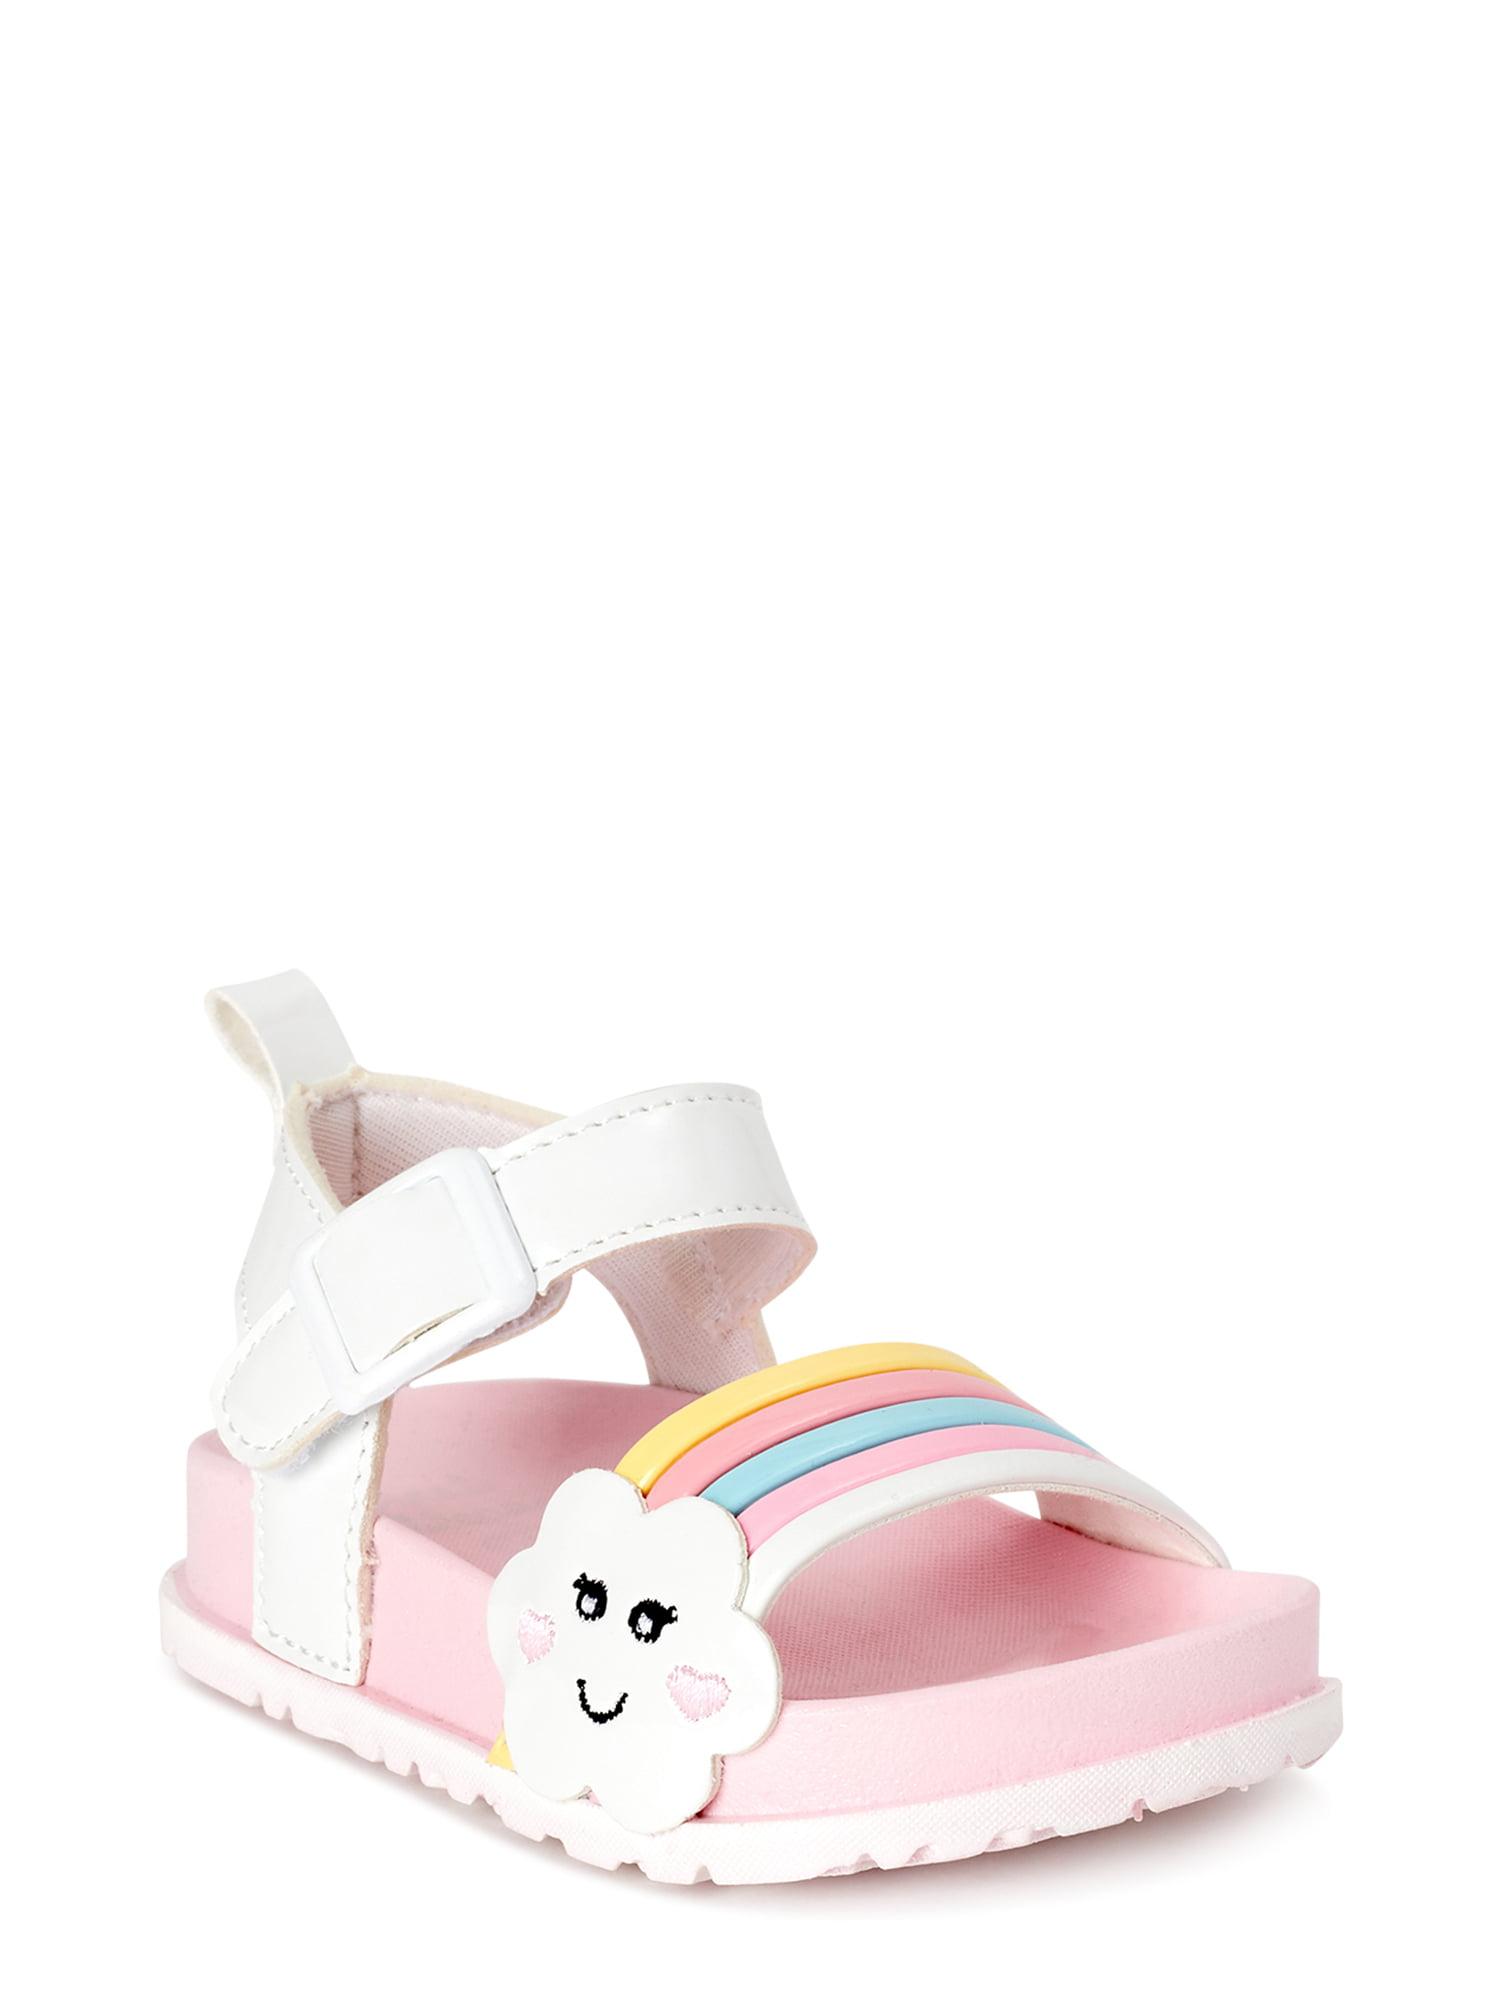 Baby Girl Sandals - Walmart.com